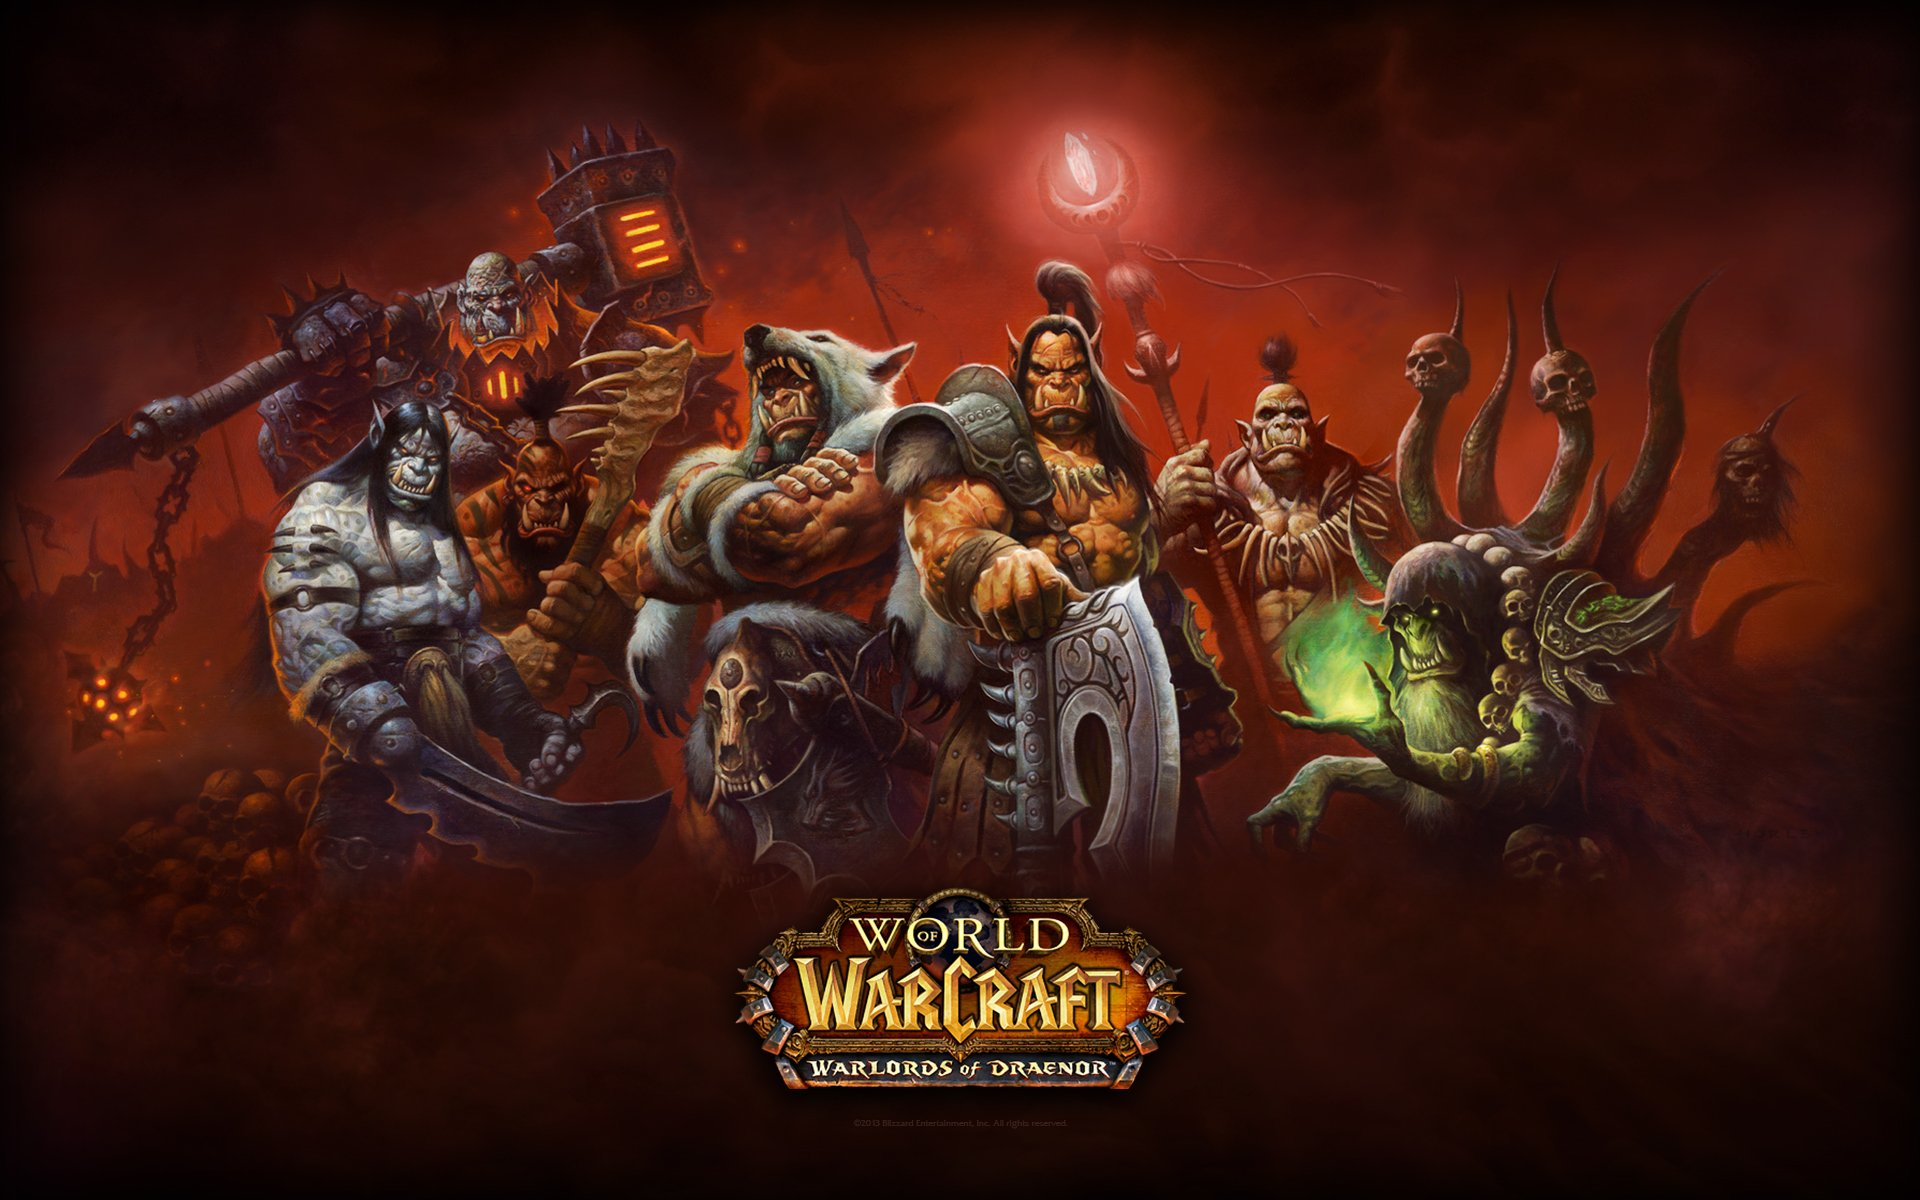 Выбор фракции в Warlords of Draenor. - Изображение 1